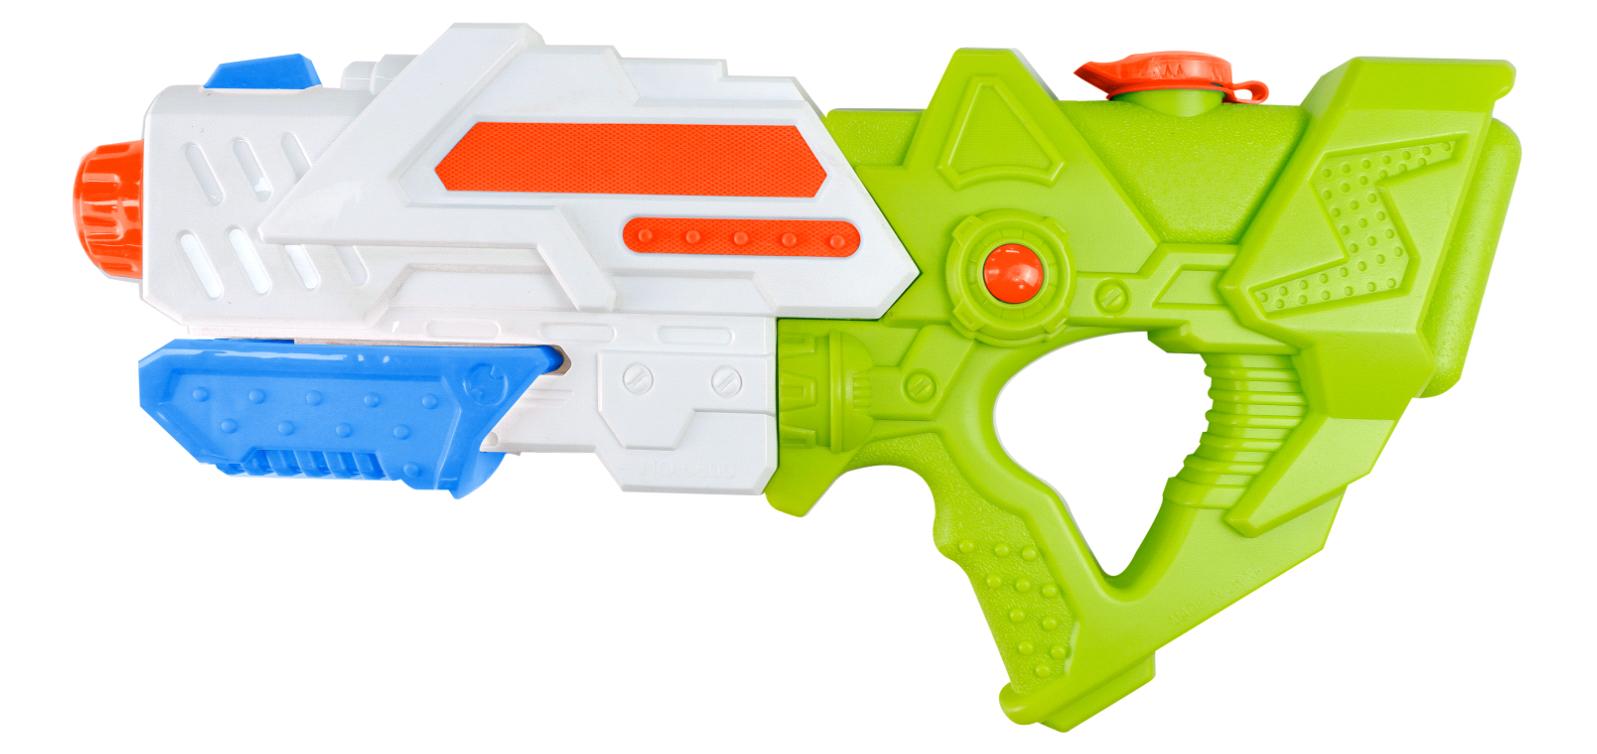 Playfun - Water Gun (47 cm) (6563)